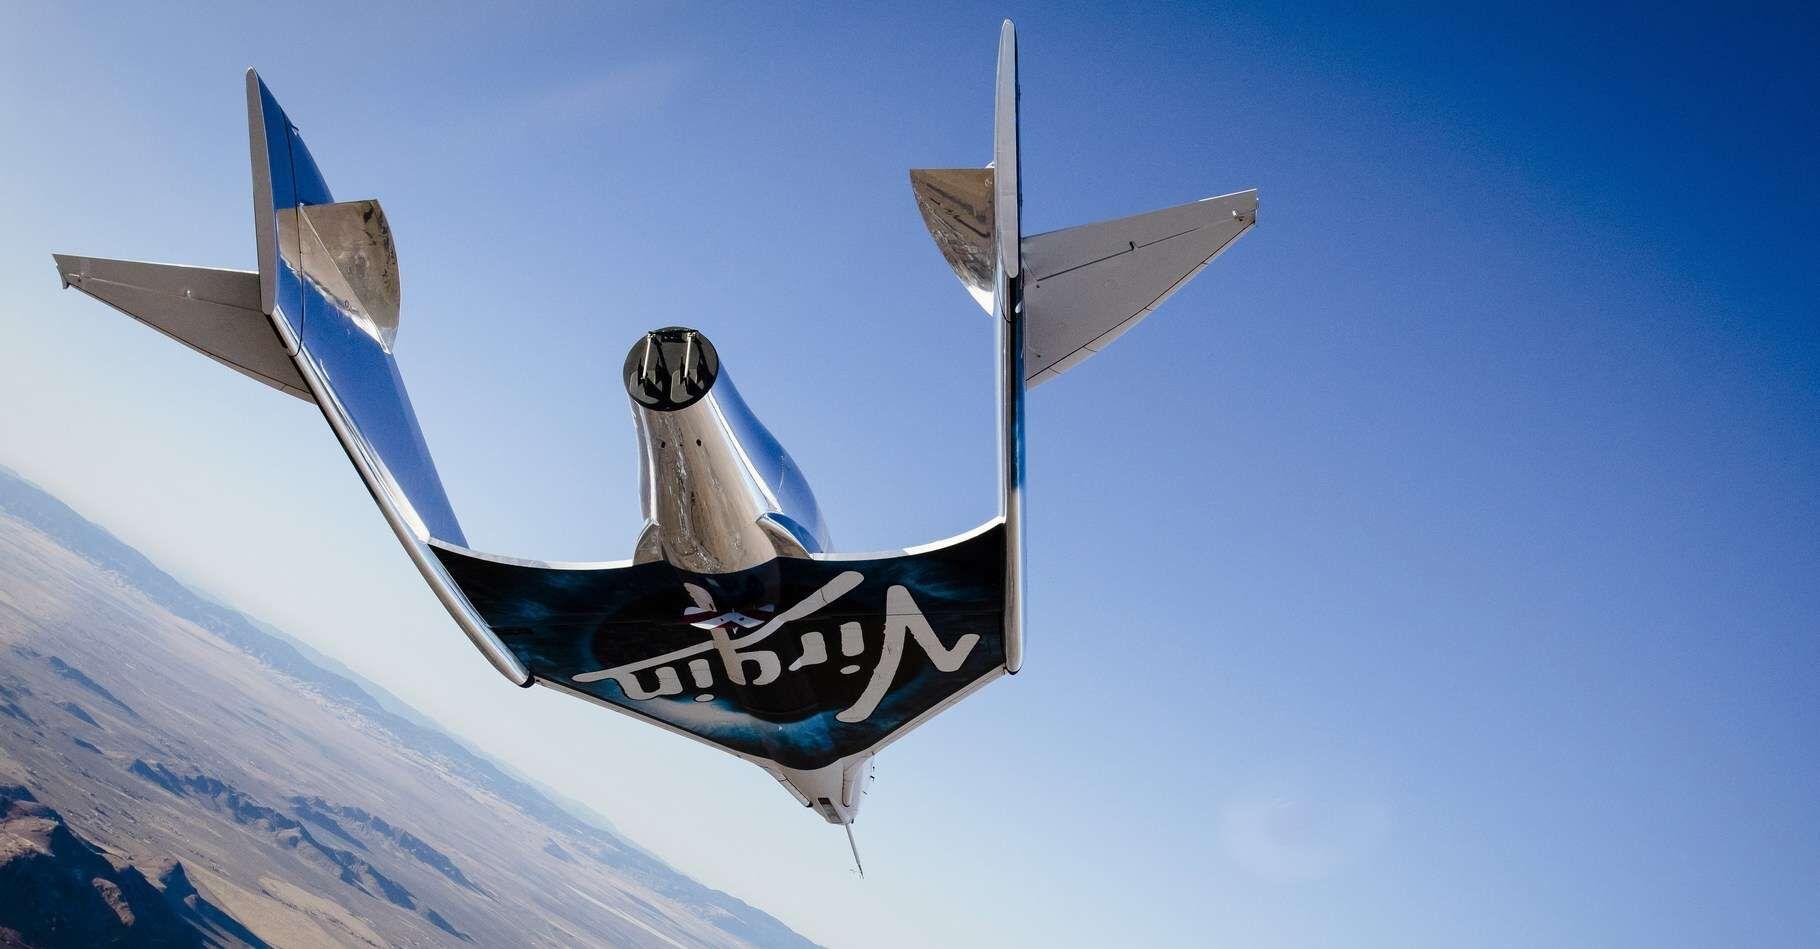 L'autre aspect que tient à mettre en avant Jeff Bezos par rapport à l'avion suborbital de Virgin Galactic, c'est que le New Shepard dépasse les 100 kilomètres d'altitude, seule frontière reconnue par la Fédération aéronautique internationale (FAI).